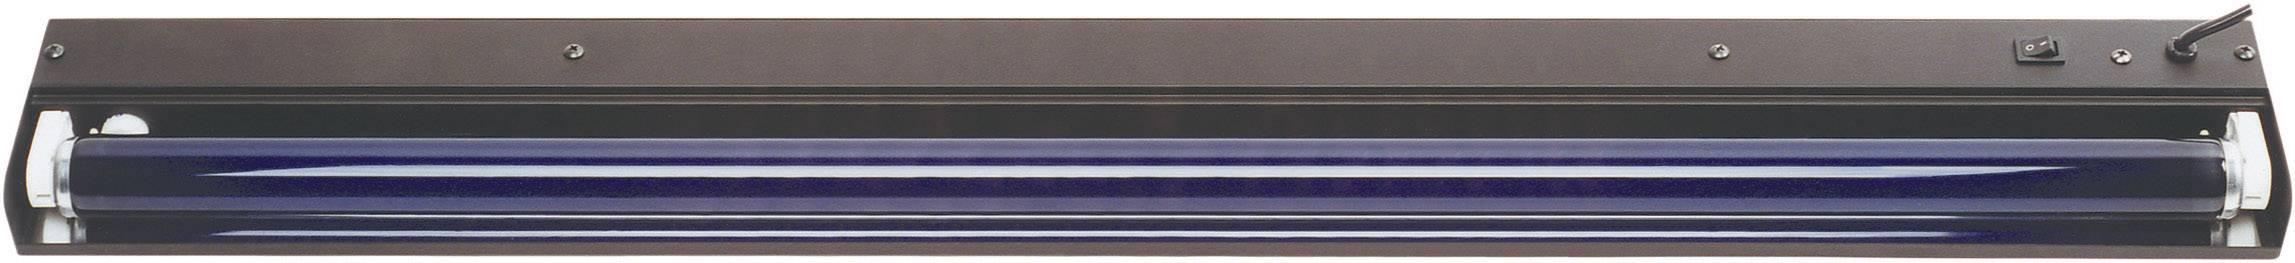 UV svietidlo so žiarivkou, sada 45cm metall 51101505, 45 cm, 15 W, čierna